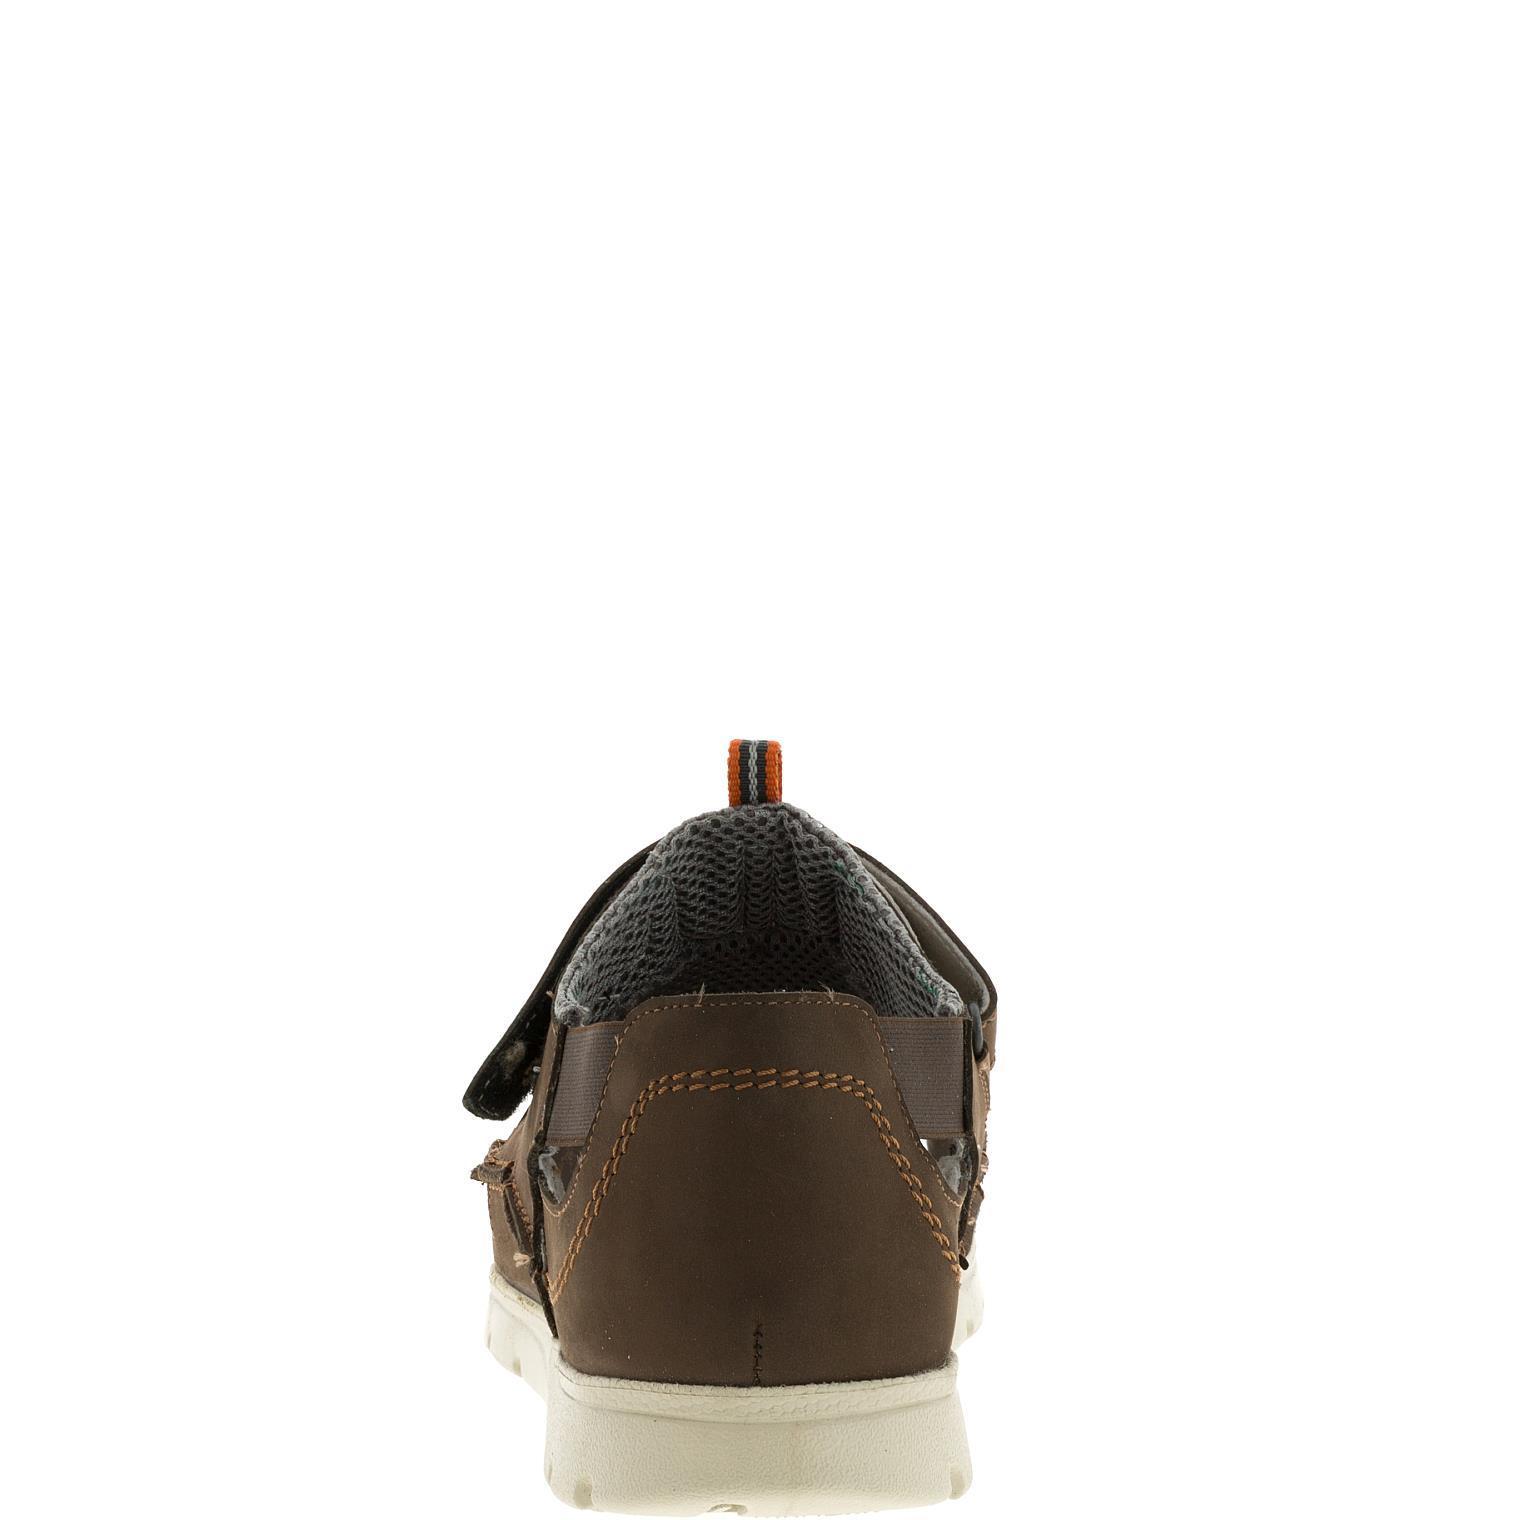 586285 Сандалии мужские коричневые больших размеров марки Делфино